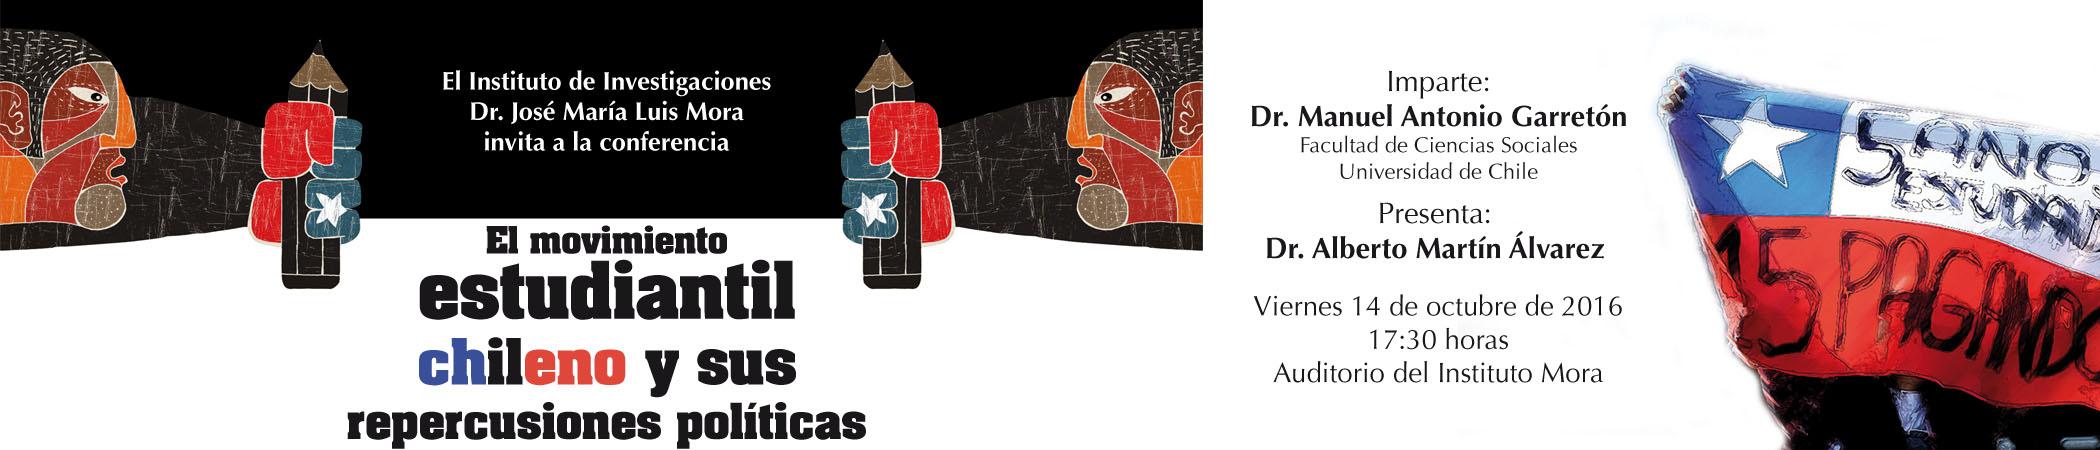 Conferencia El movimiento estudiantil chileno y sus repercusiones políticas